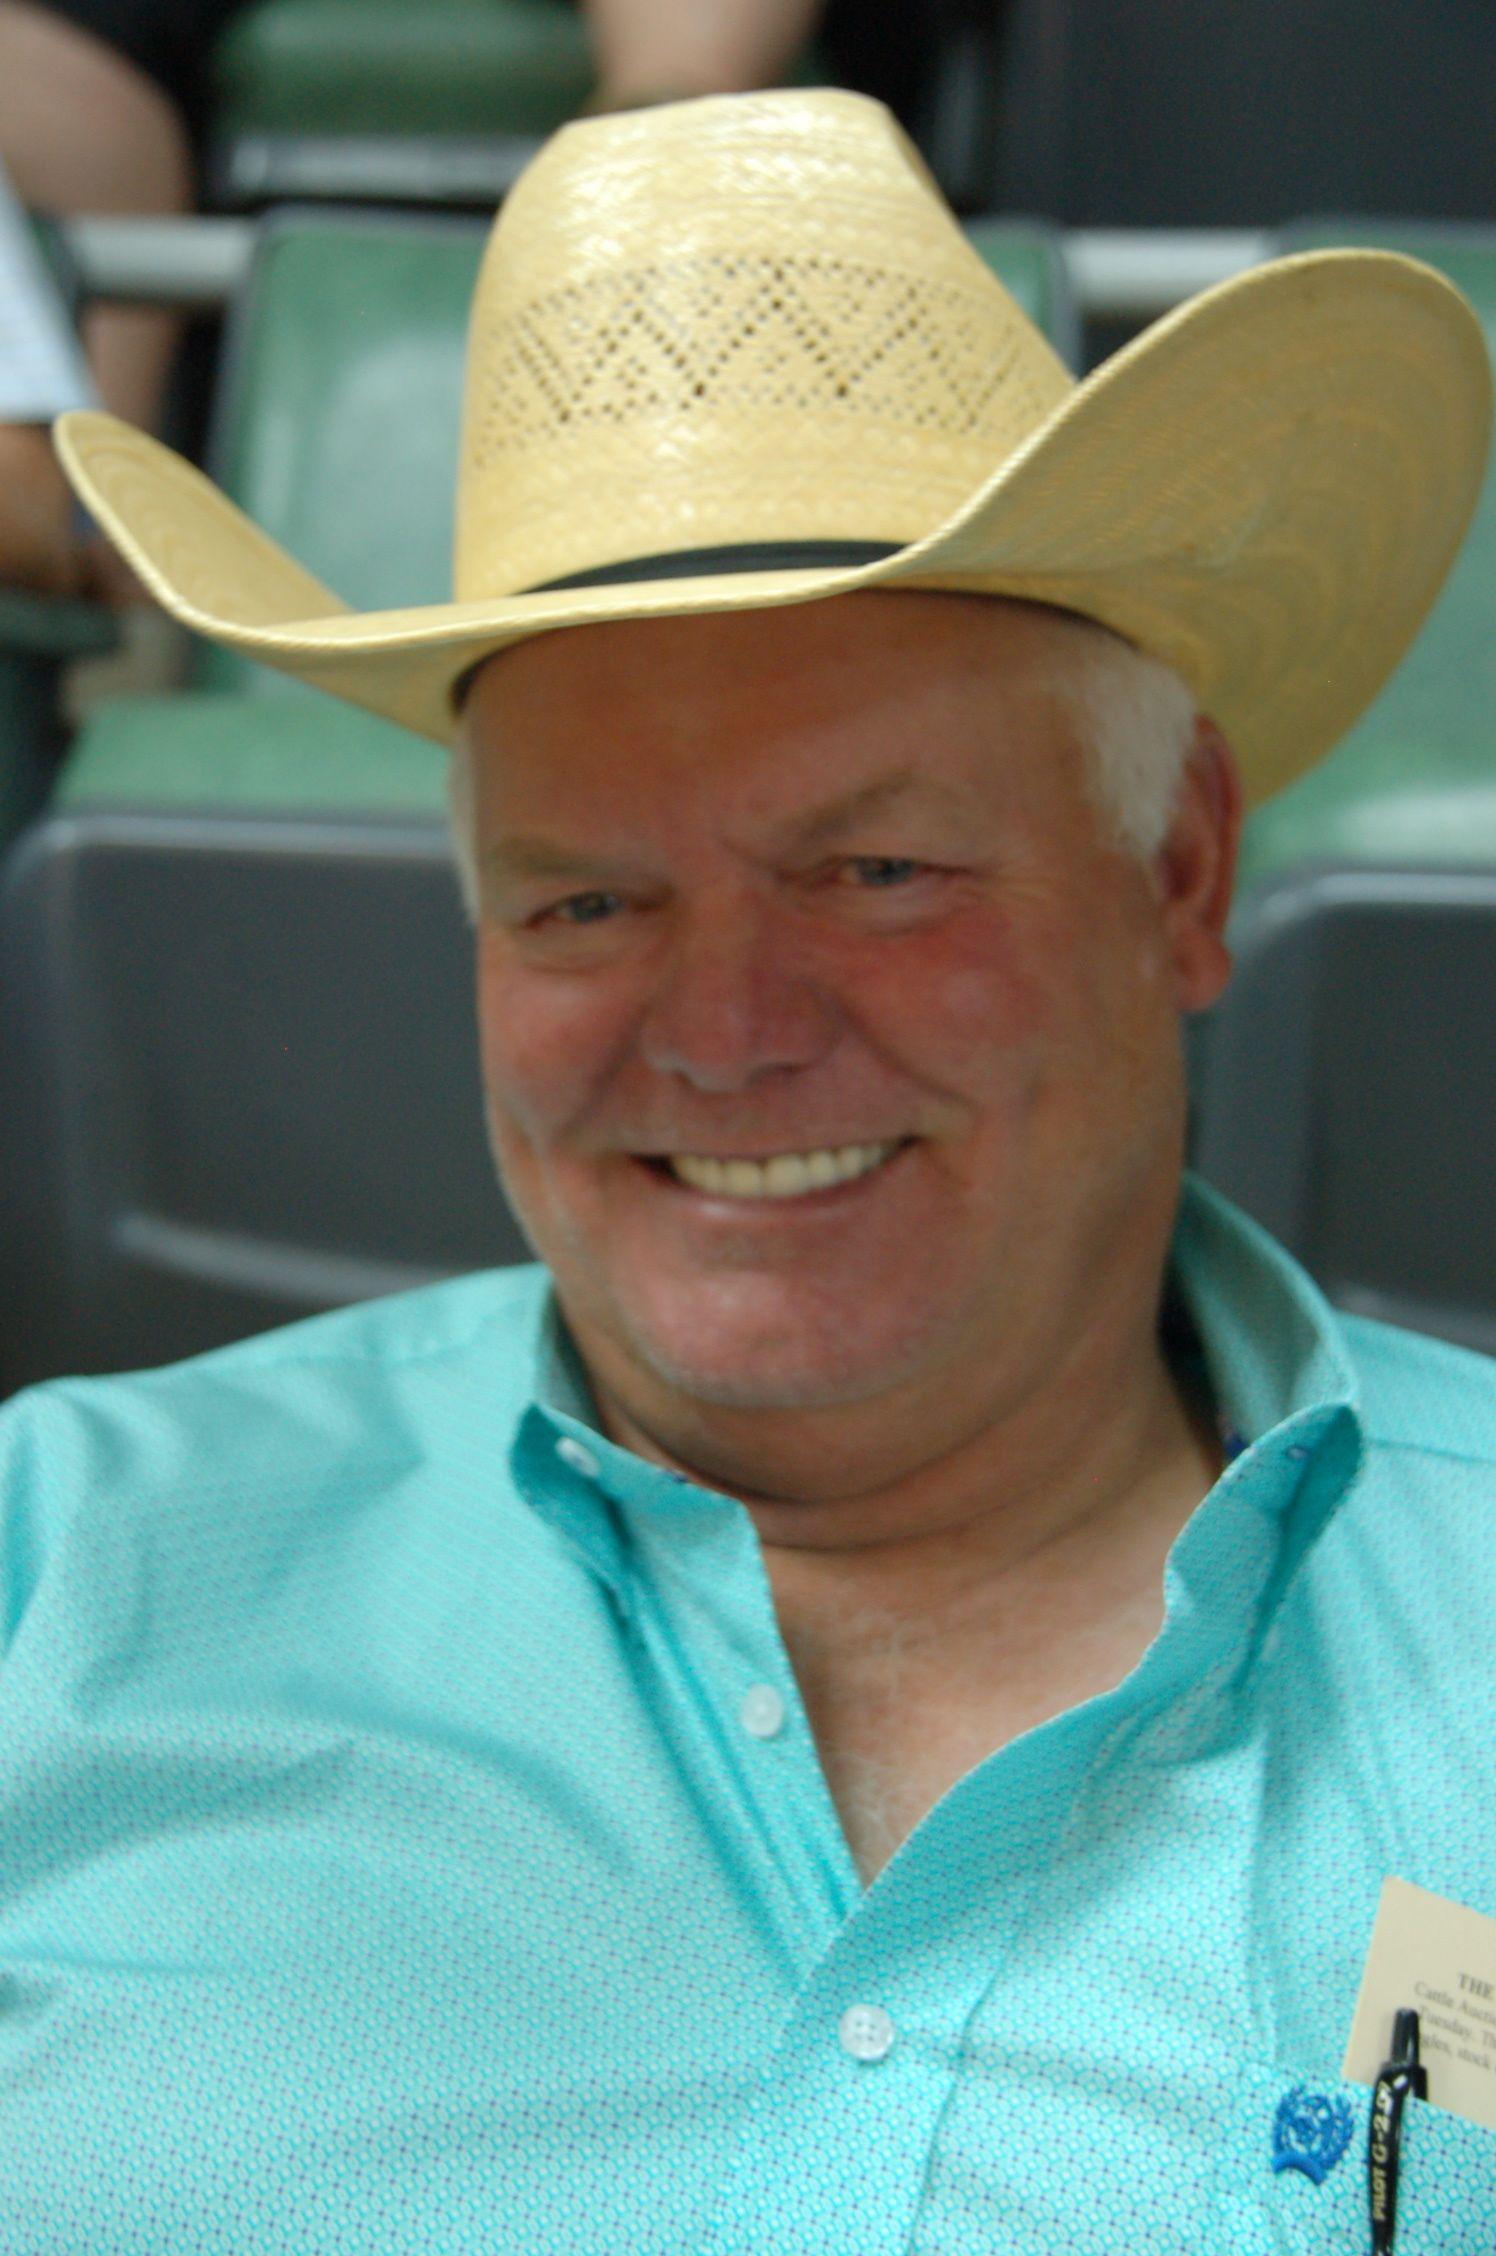 Ein Lächeln wie JR - Bill Hudspeth